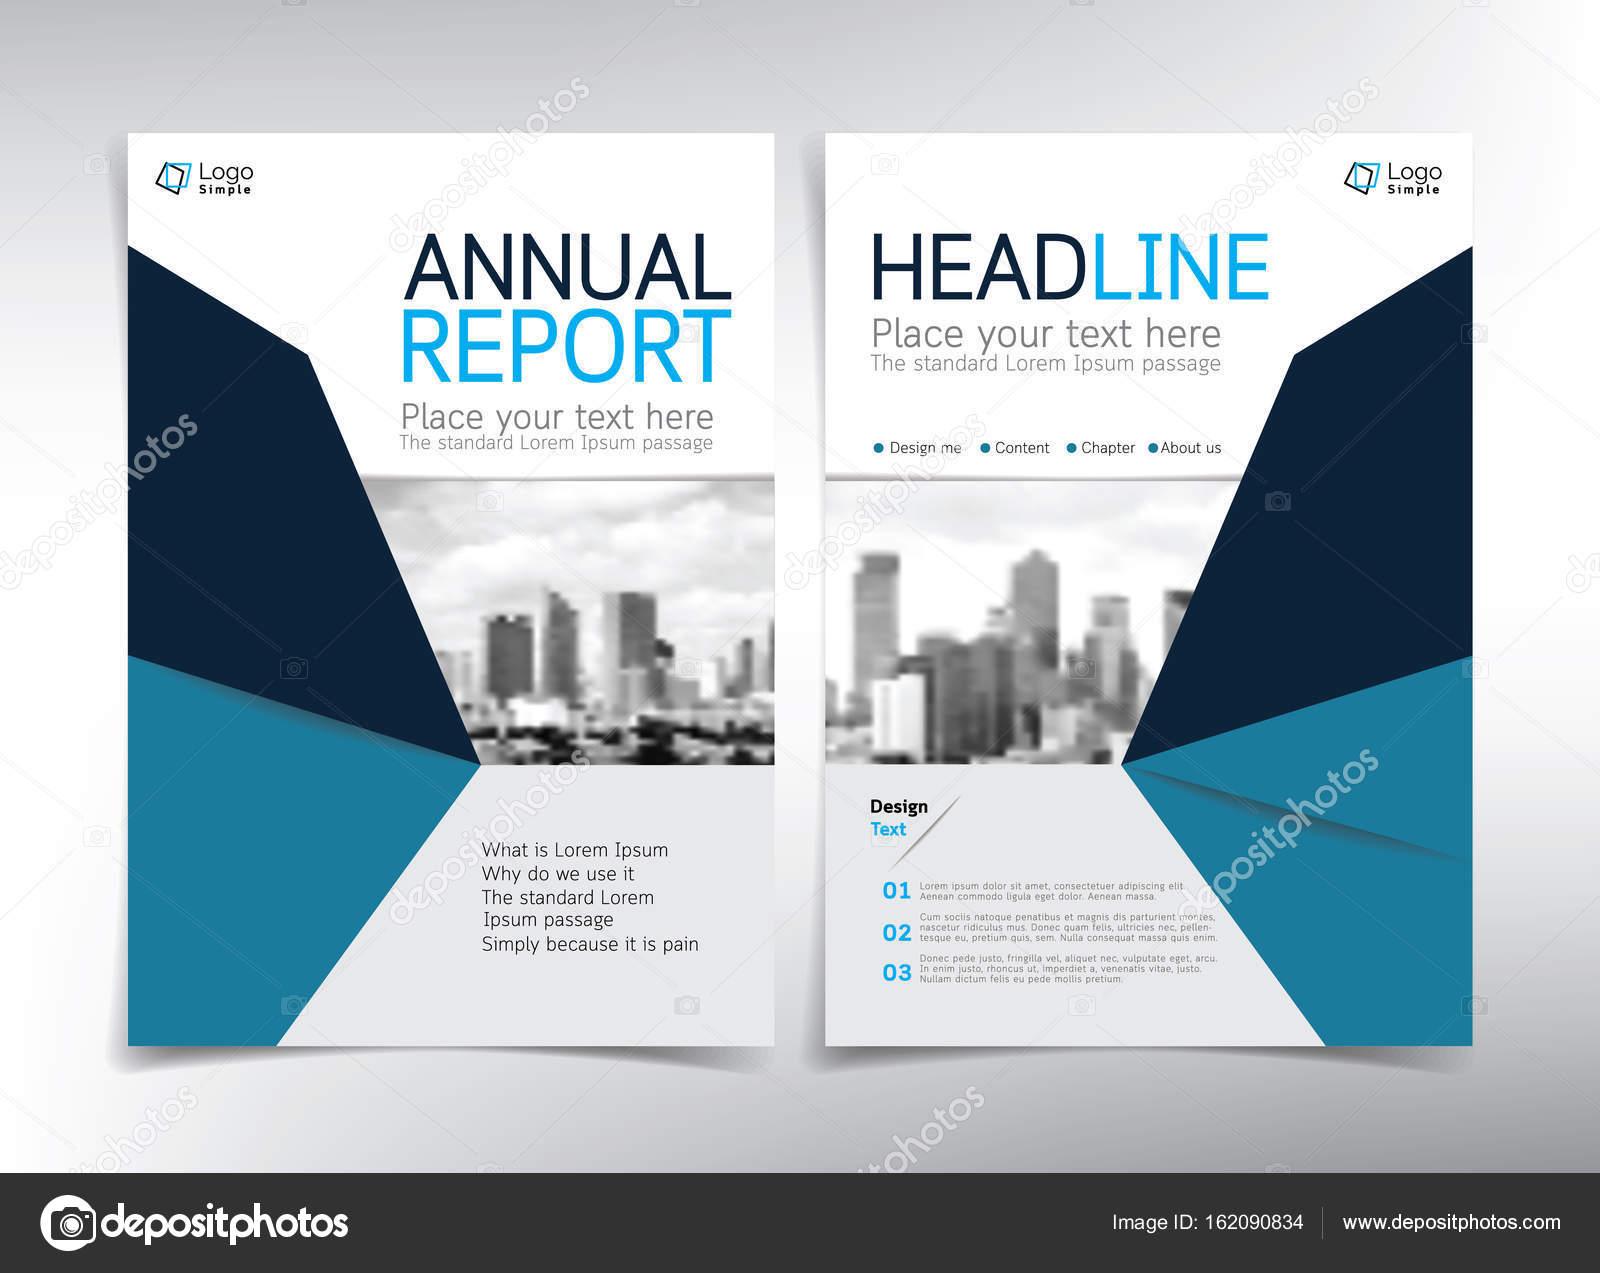 Modernes Weiß Und Blau Business Deckblatt Vektor Vorlage